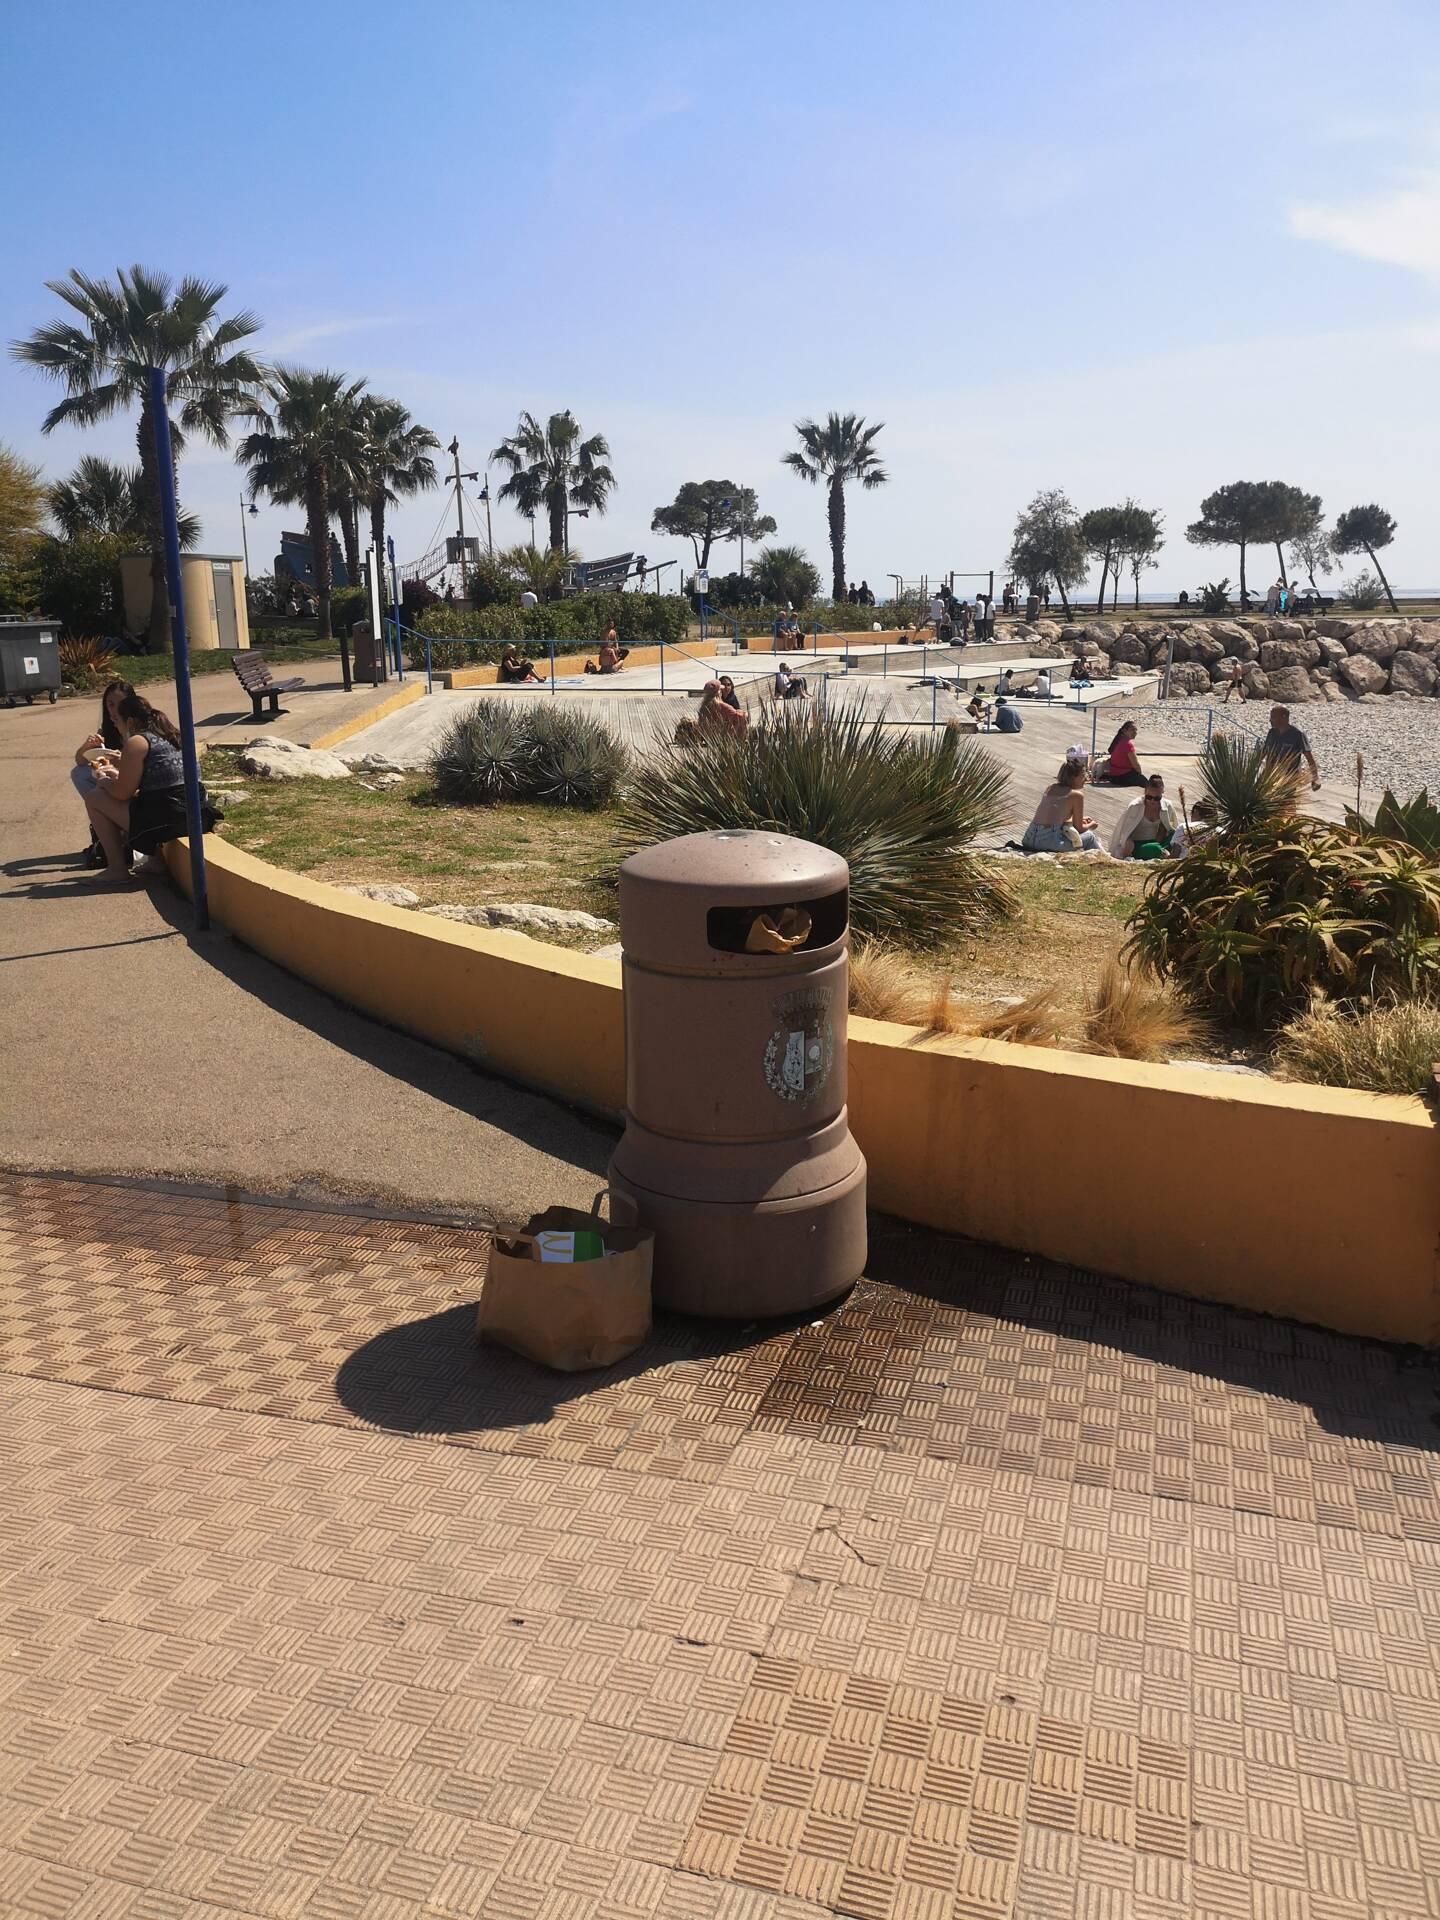 Même vidées les poubelles du bord de mer se remplissent en à peine 45 minutes, à certaines heures. (Photo DR)